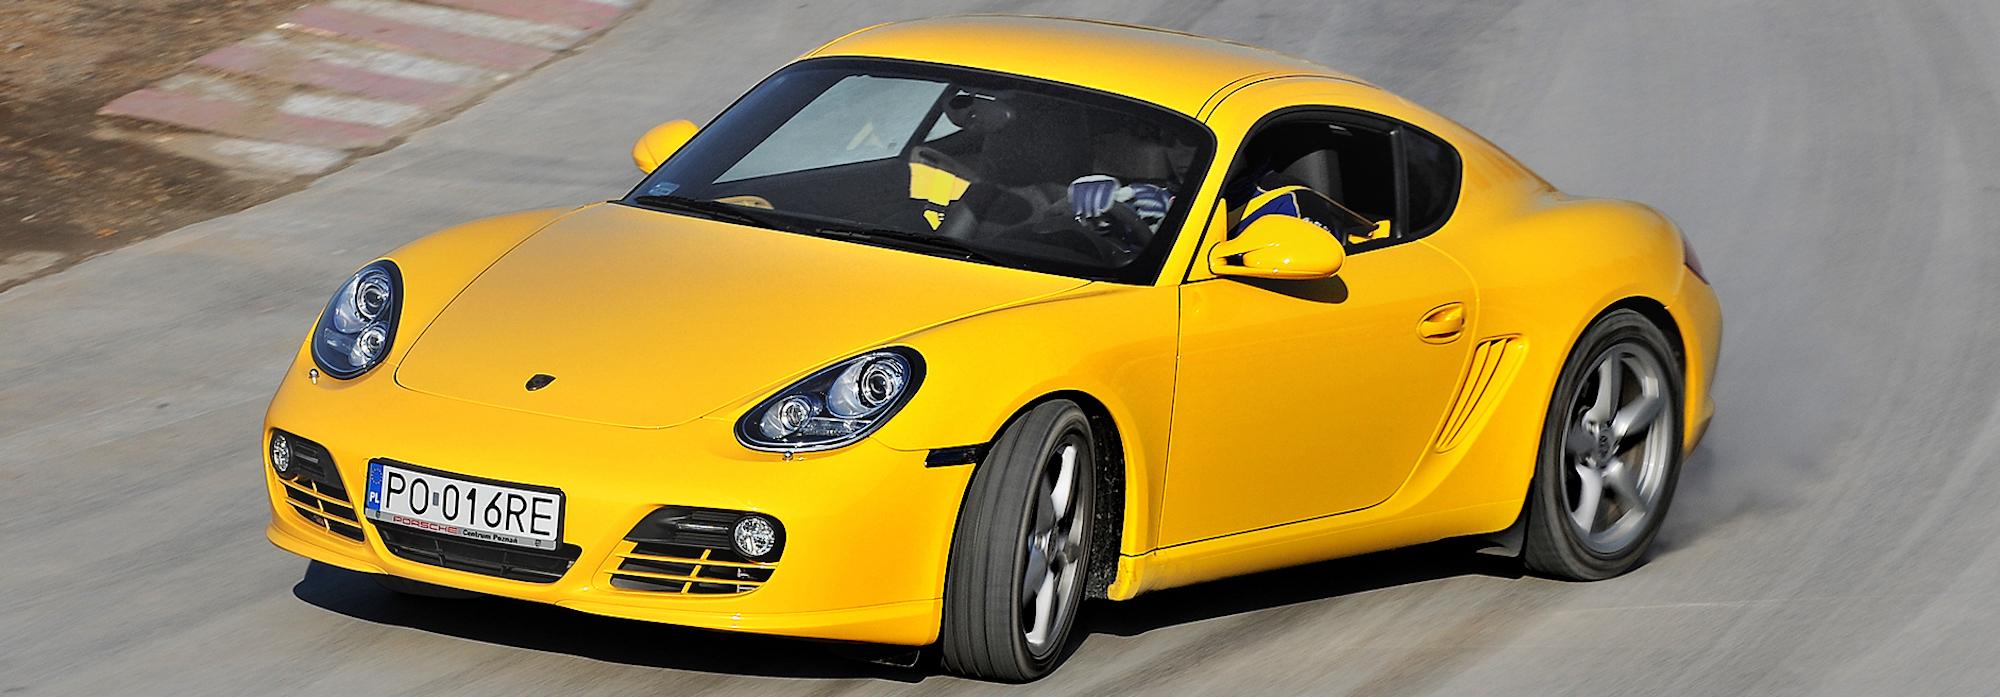 Porsche Cayman I987C (2005-2013)